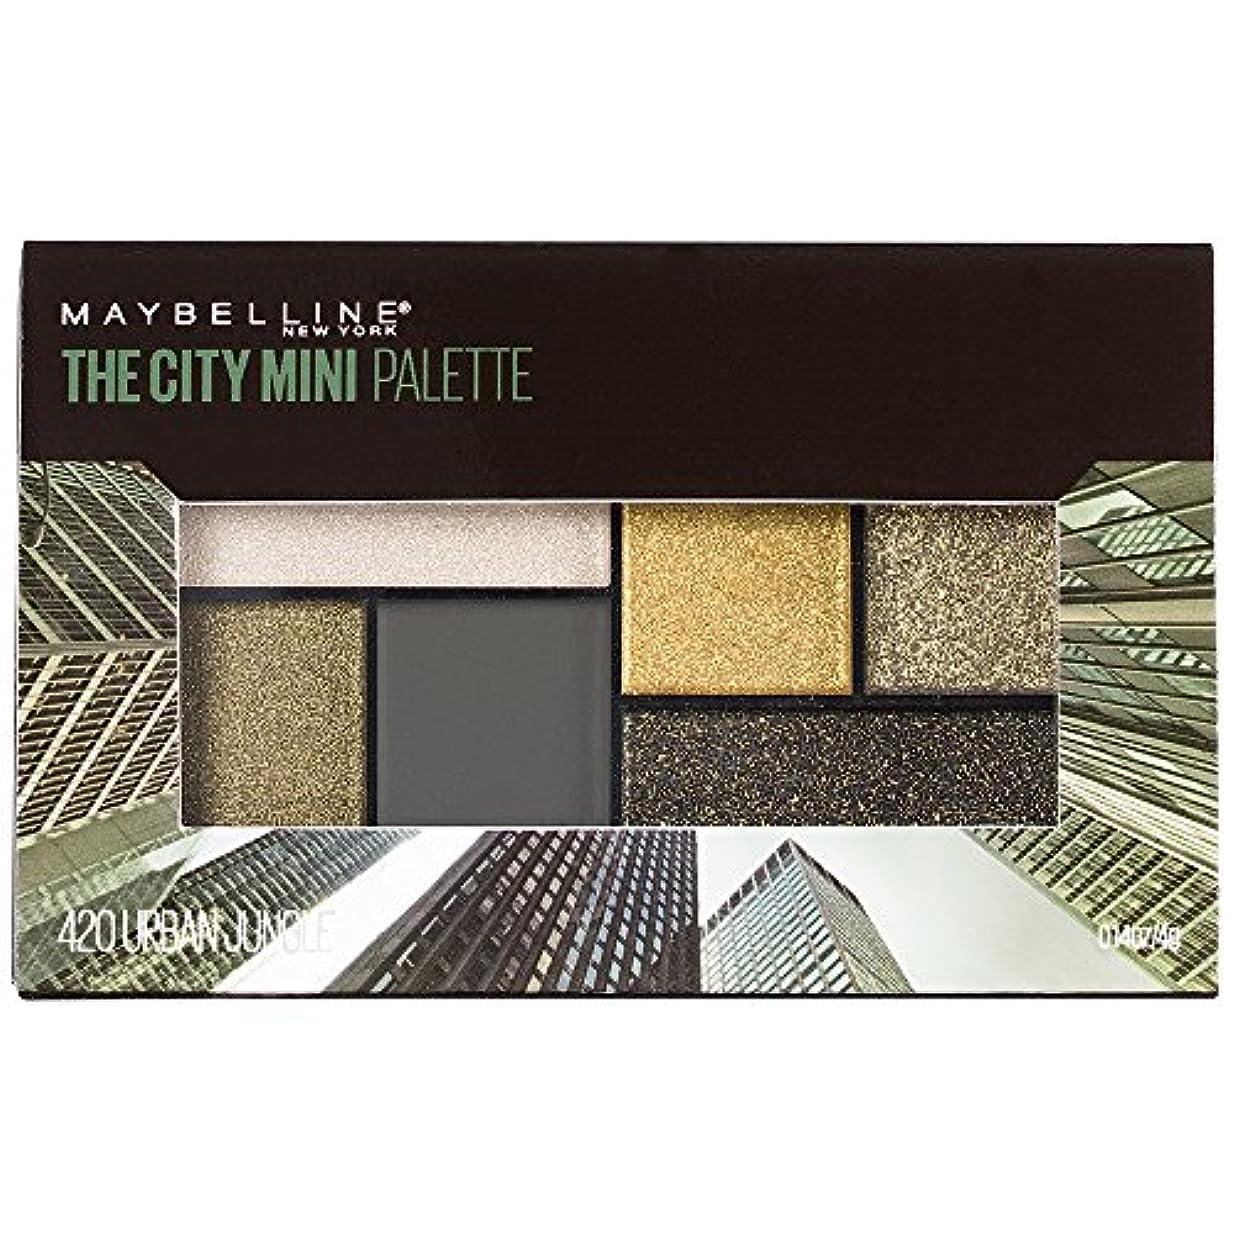 透けて見える改革膨らませるMAYBELLINE The City Mini Palette - Urban Jungle (並行輸入品)